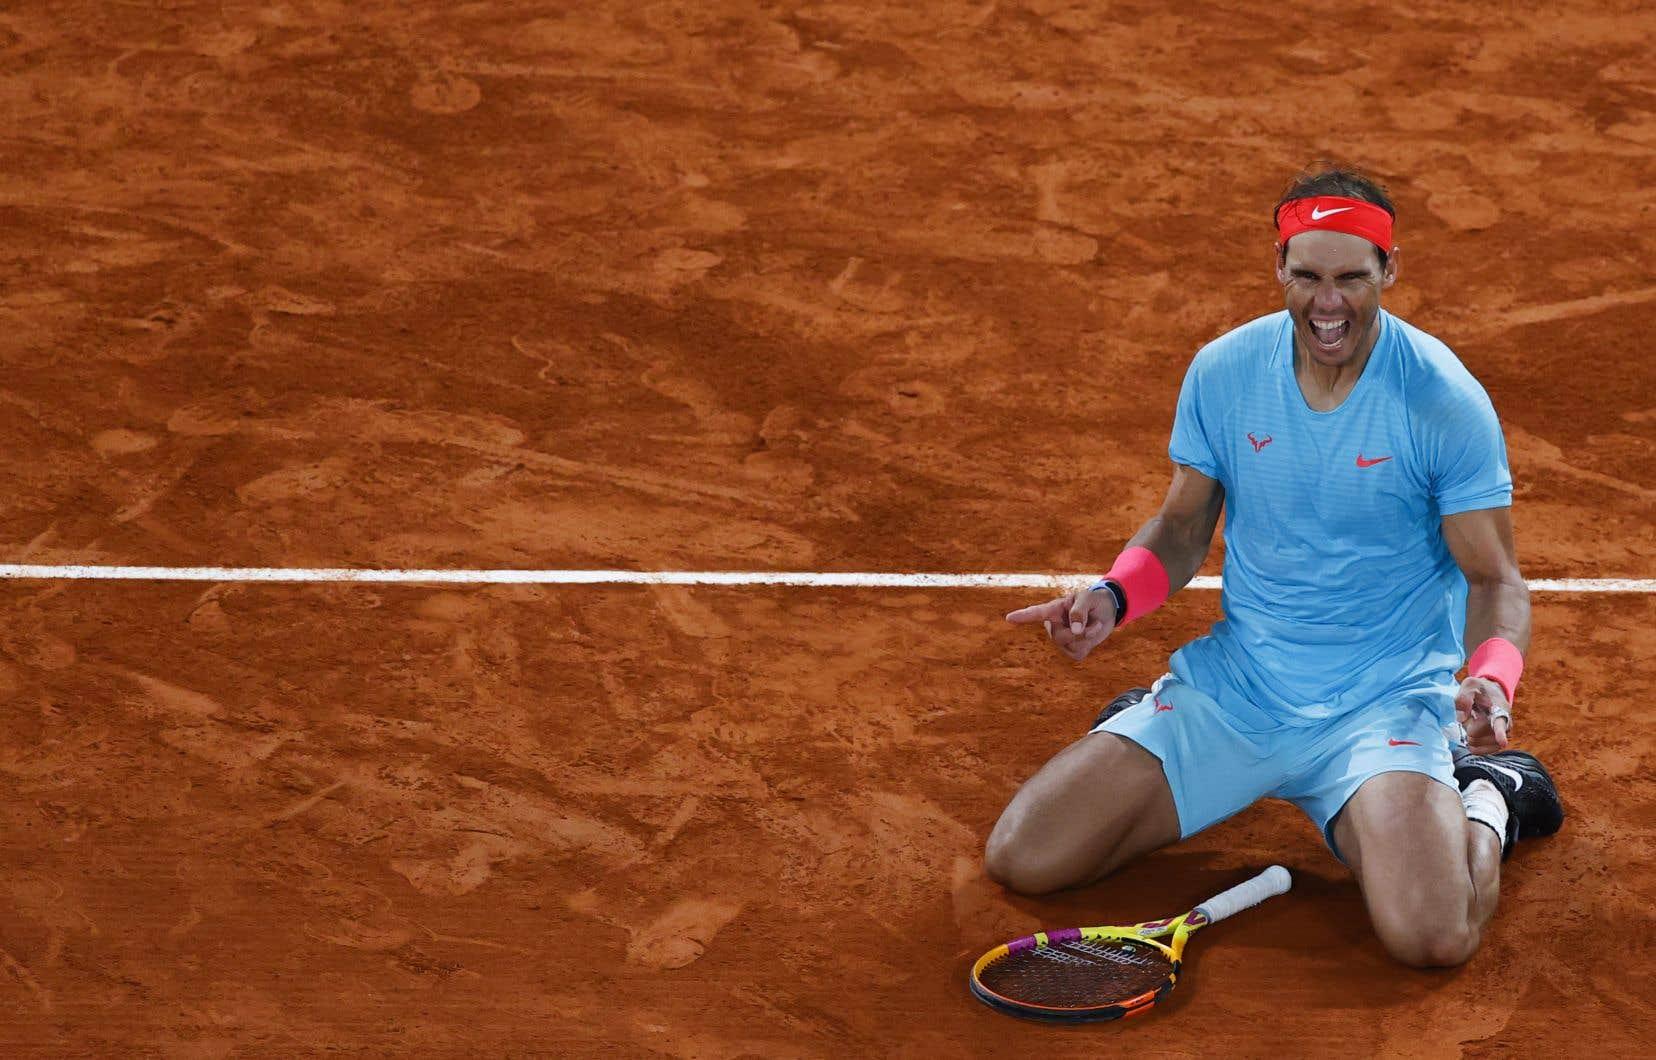 Rafael Nadal a remporté le tournoi parisien du Grand Chelem en 2005, alors qu'il n'avait que 19 ans.